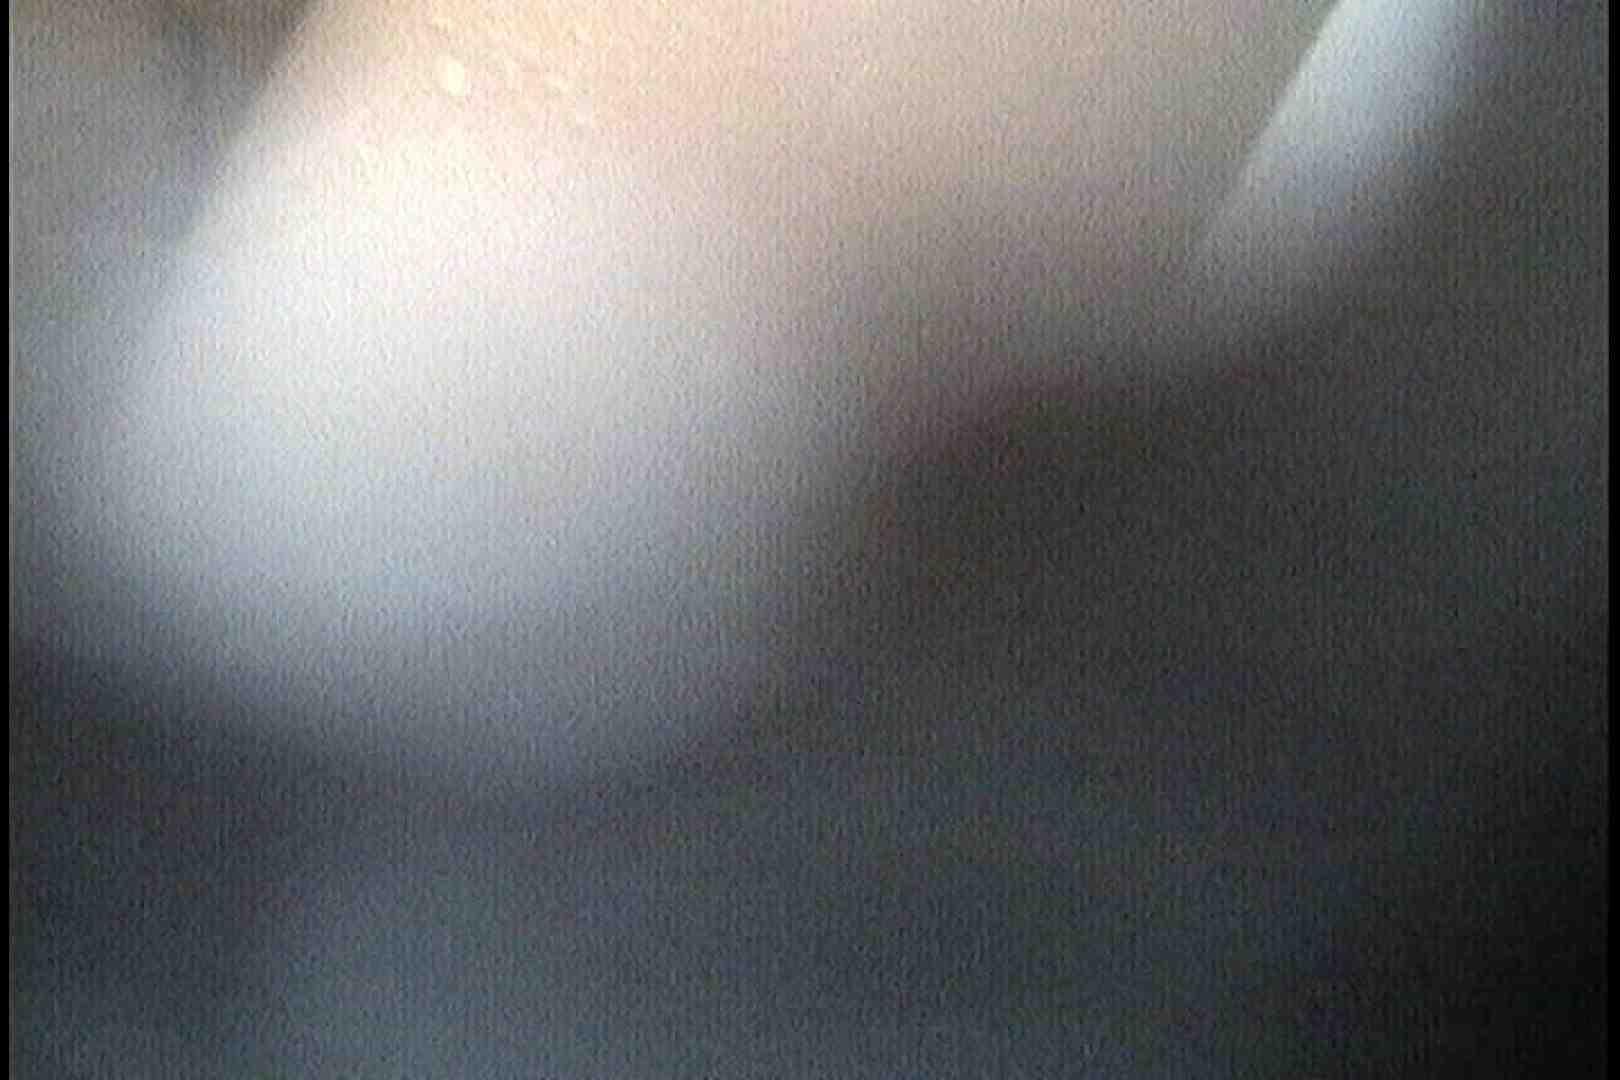 No.14 ボーリングの玉が二つぶら下がってます。 シャワー室 AV動画キャプチャ 58画像 24